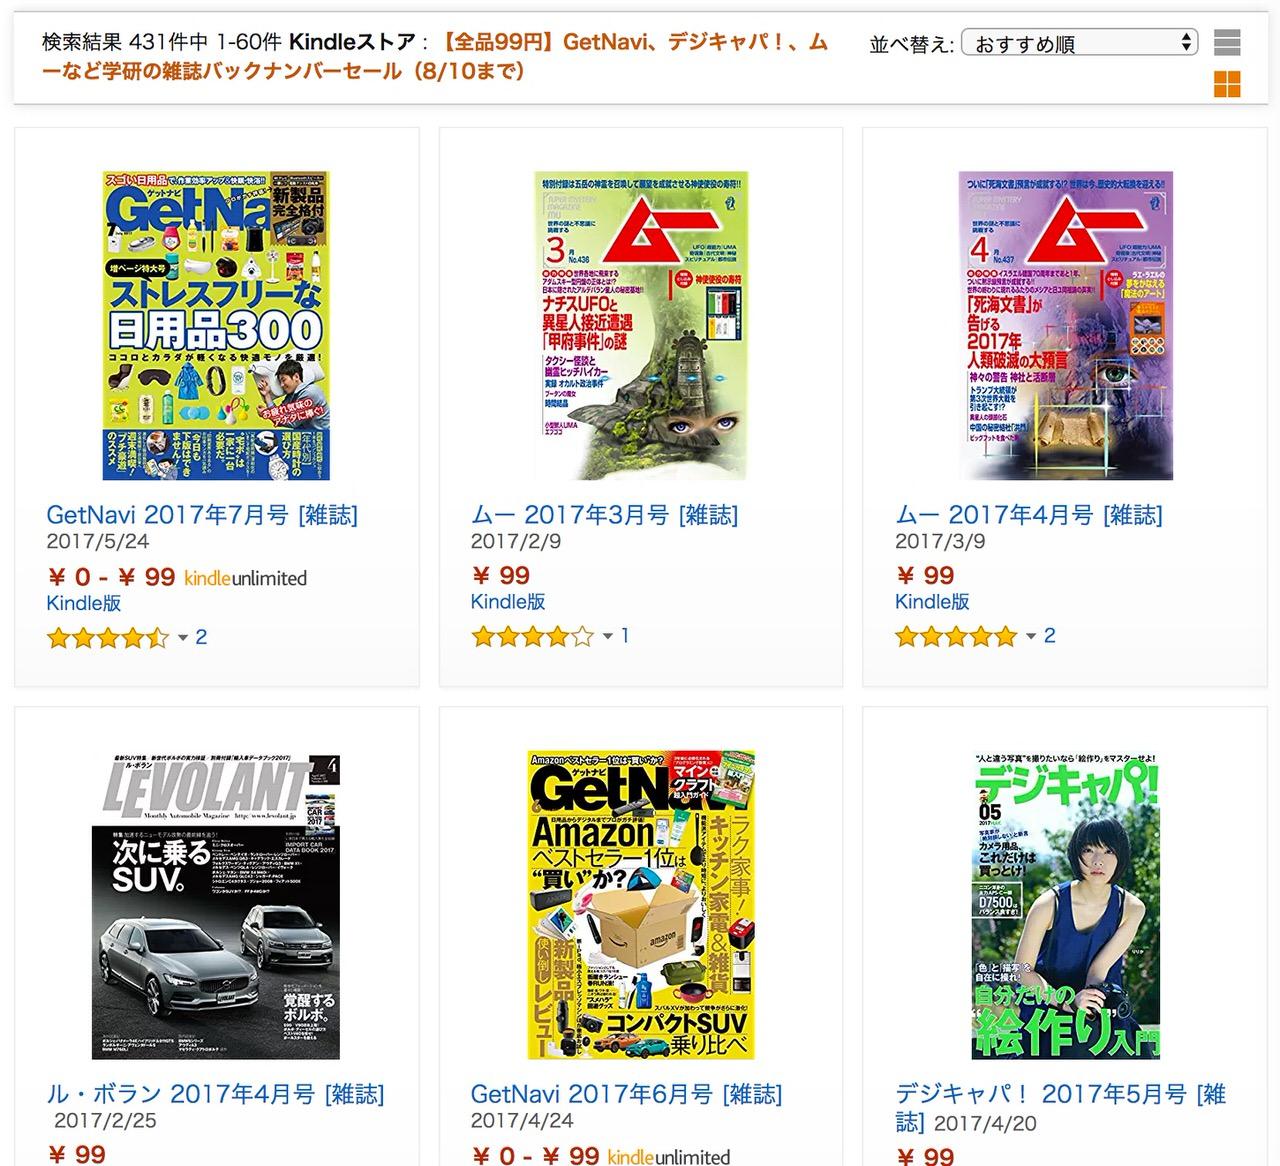 【Kindleセール】全品99円「GetNavi、デジキャパ!、ムーなど学研の雑誌バックナンバー」セール(8/10まで)